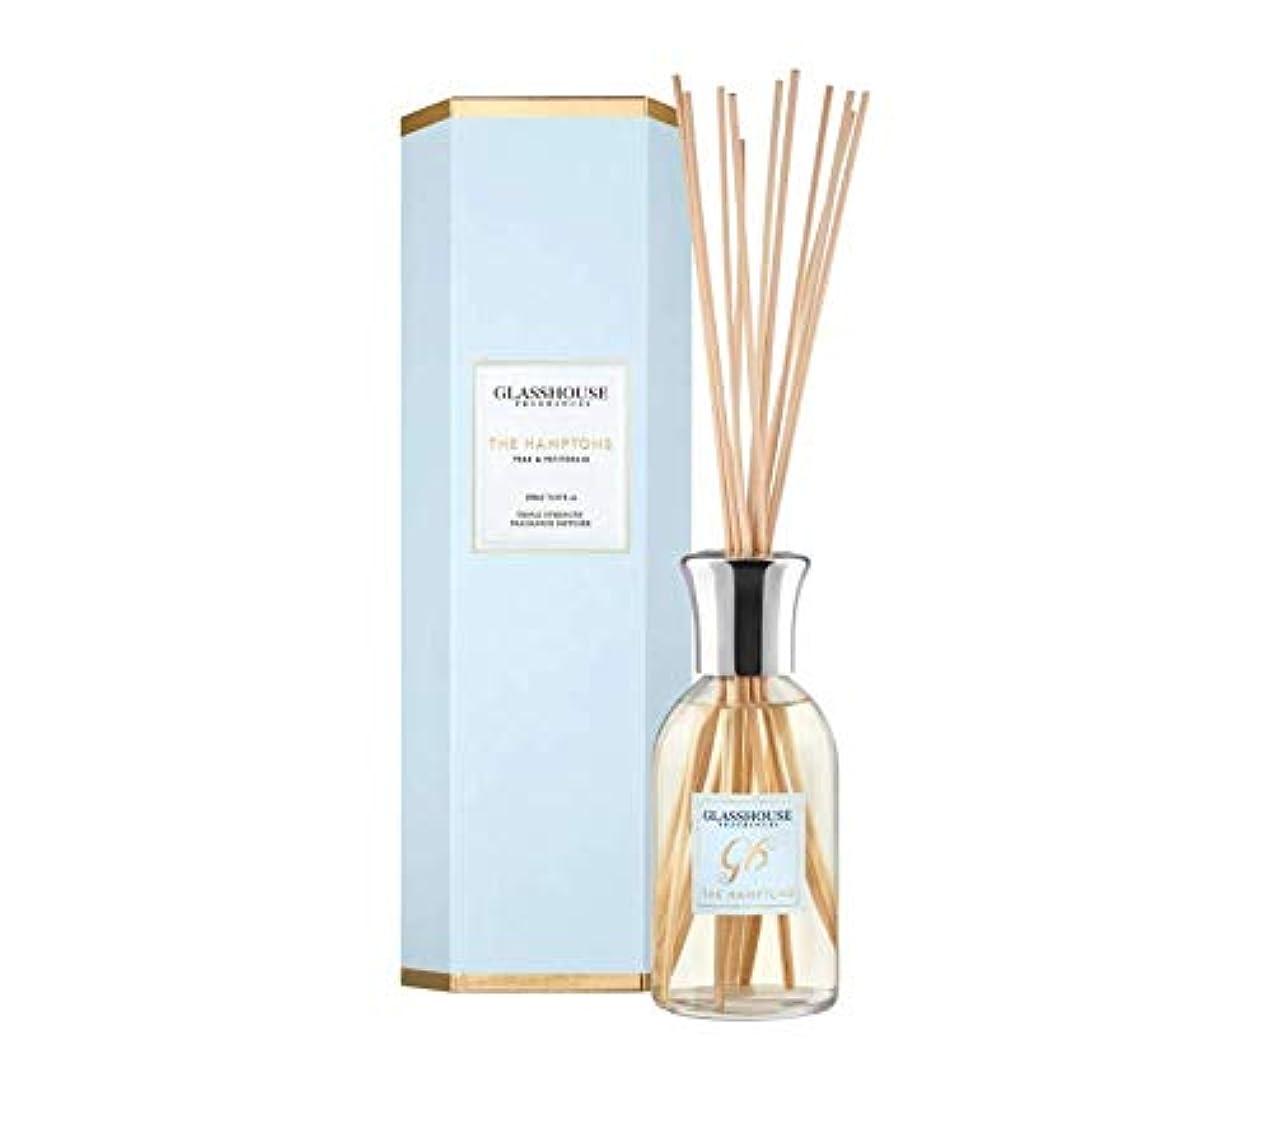 聖歌北西そよ風グラスハウス Triple Strength Fragrance Diffuser - The Hamptons 250ml/8.45oz並行輸入品